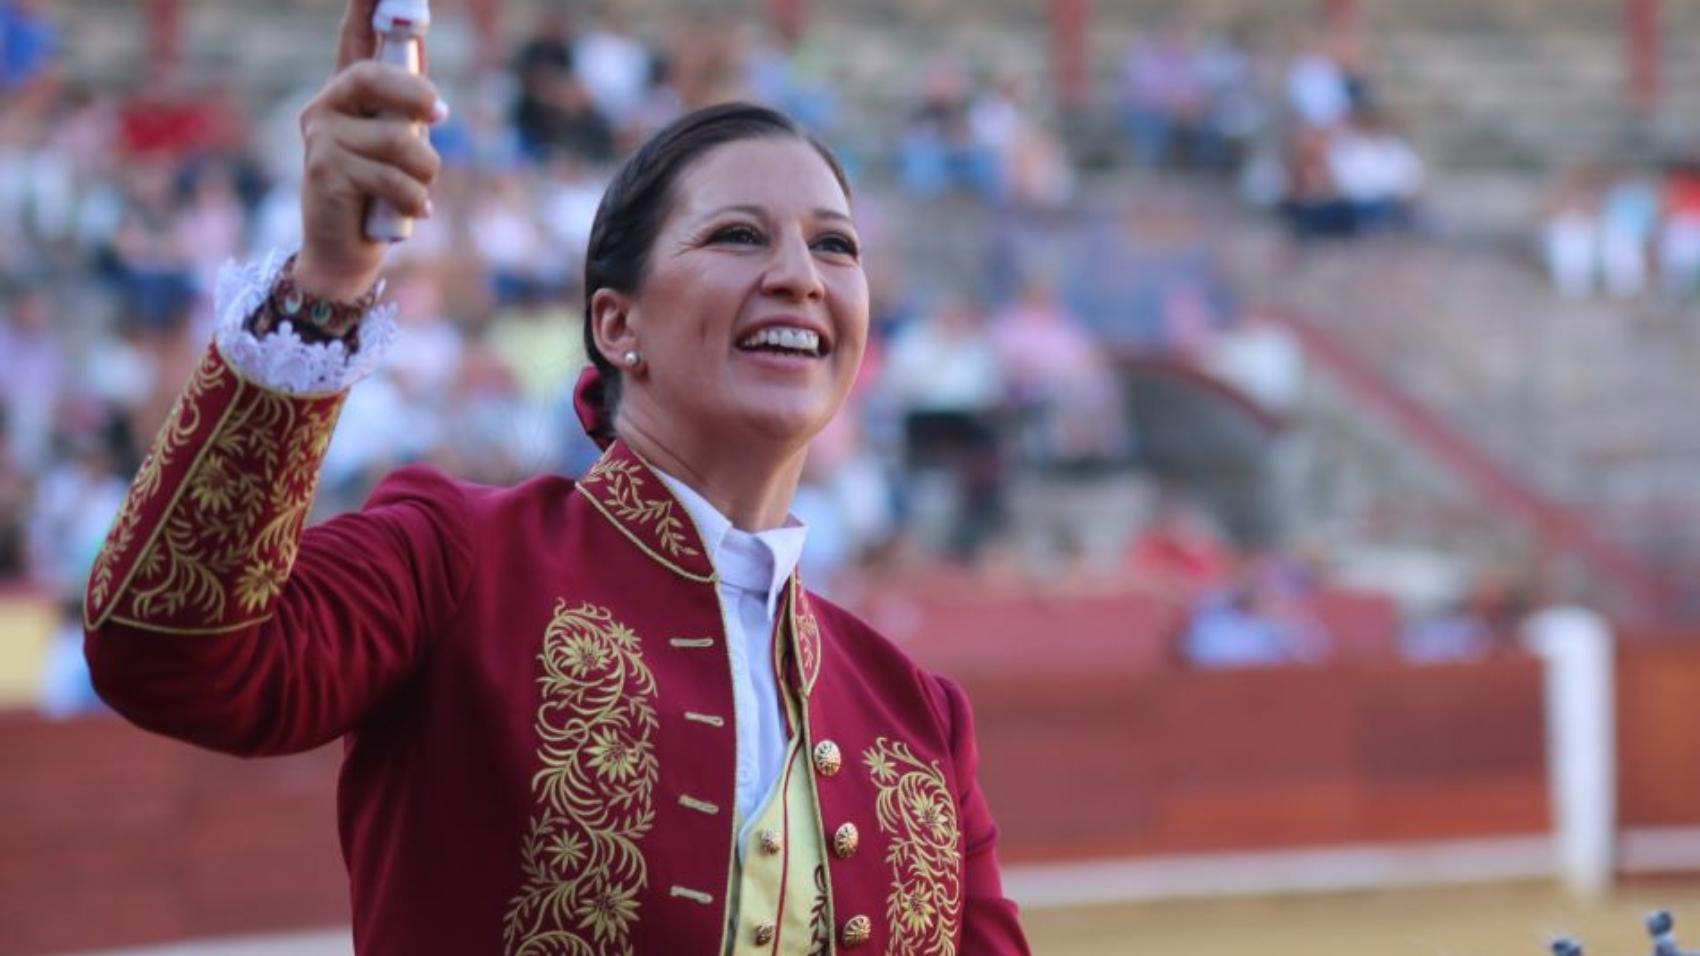 La-rejoneadora-portuguesa-Ana-Rita-en-una-foto-de-archivo-JCS-949x712